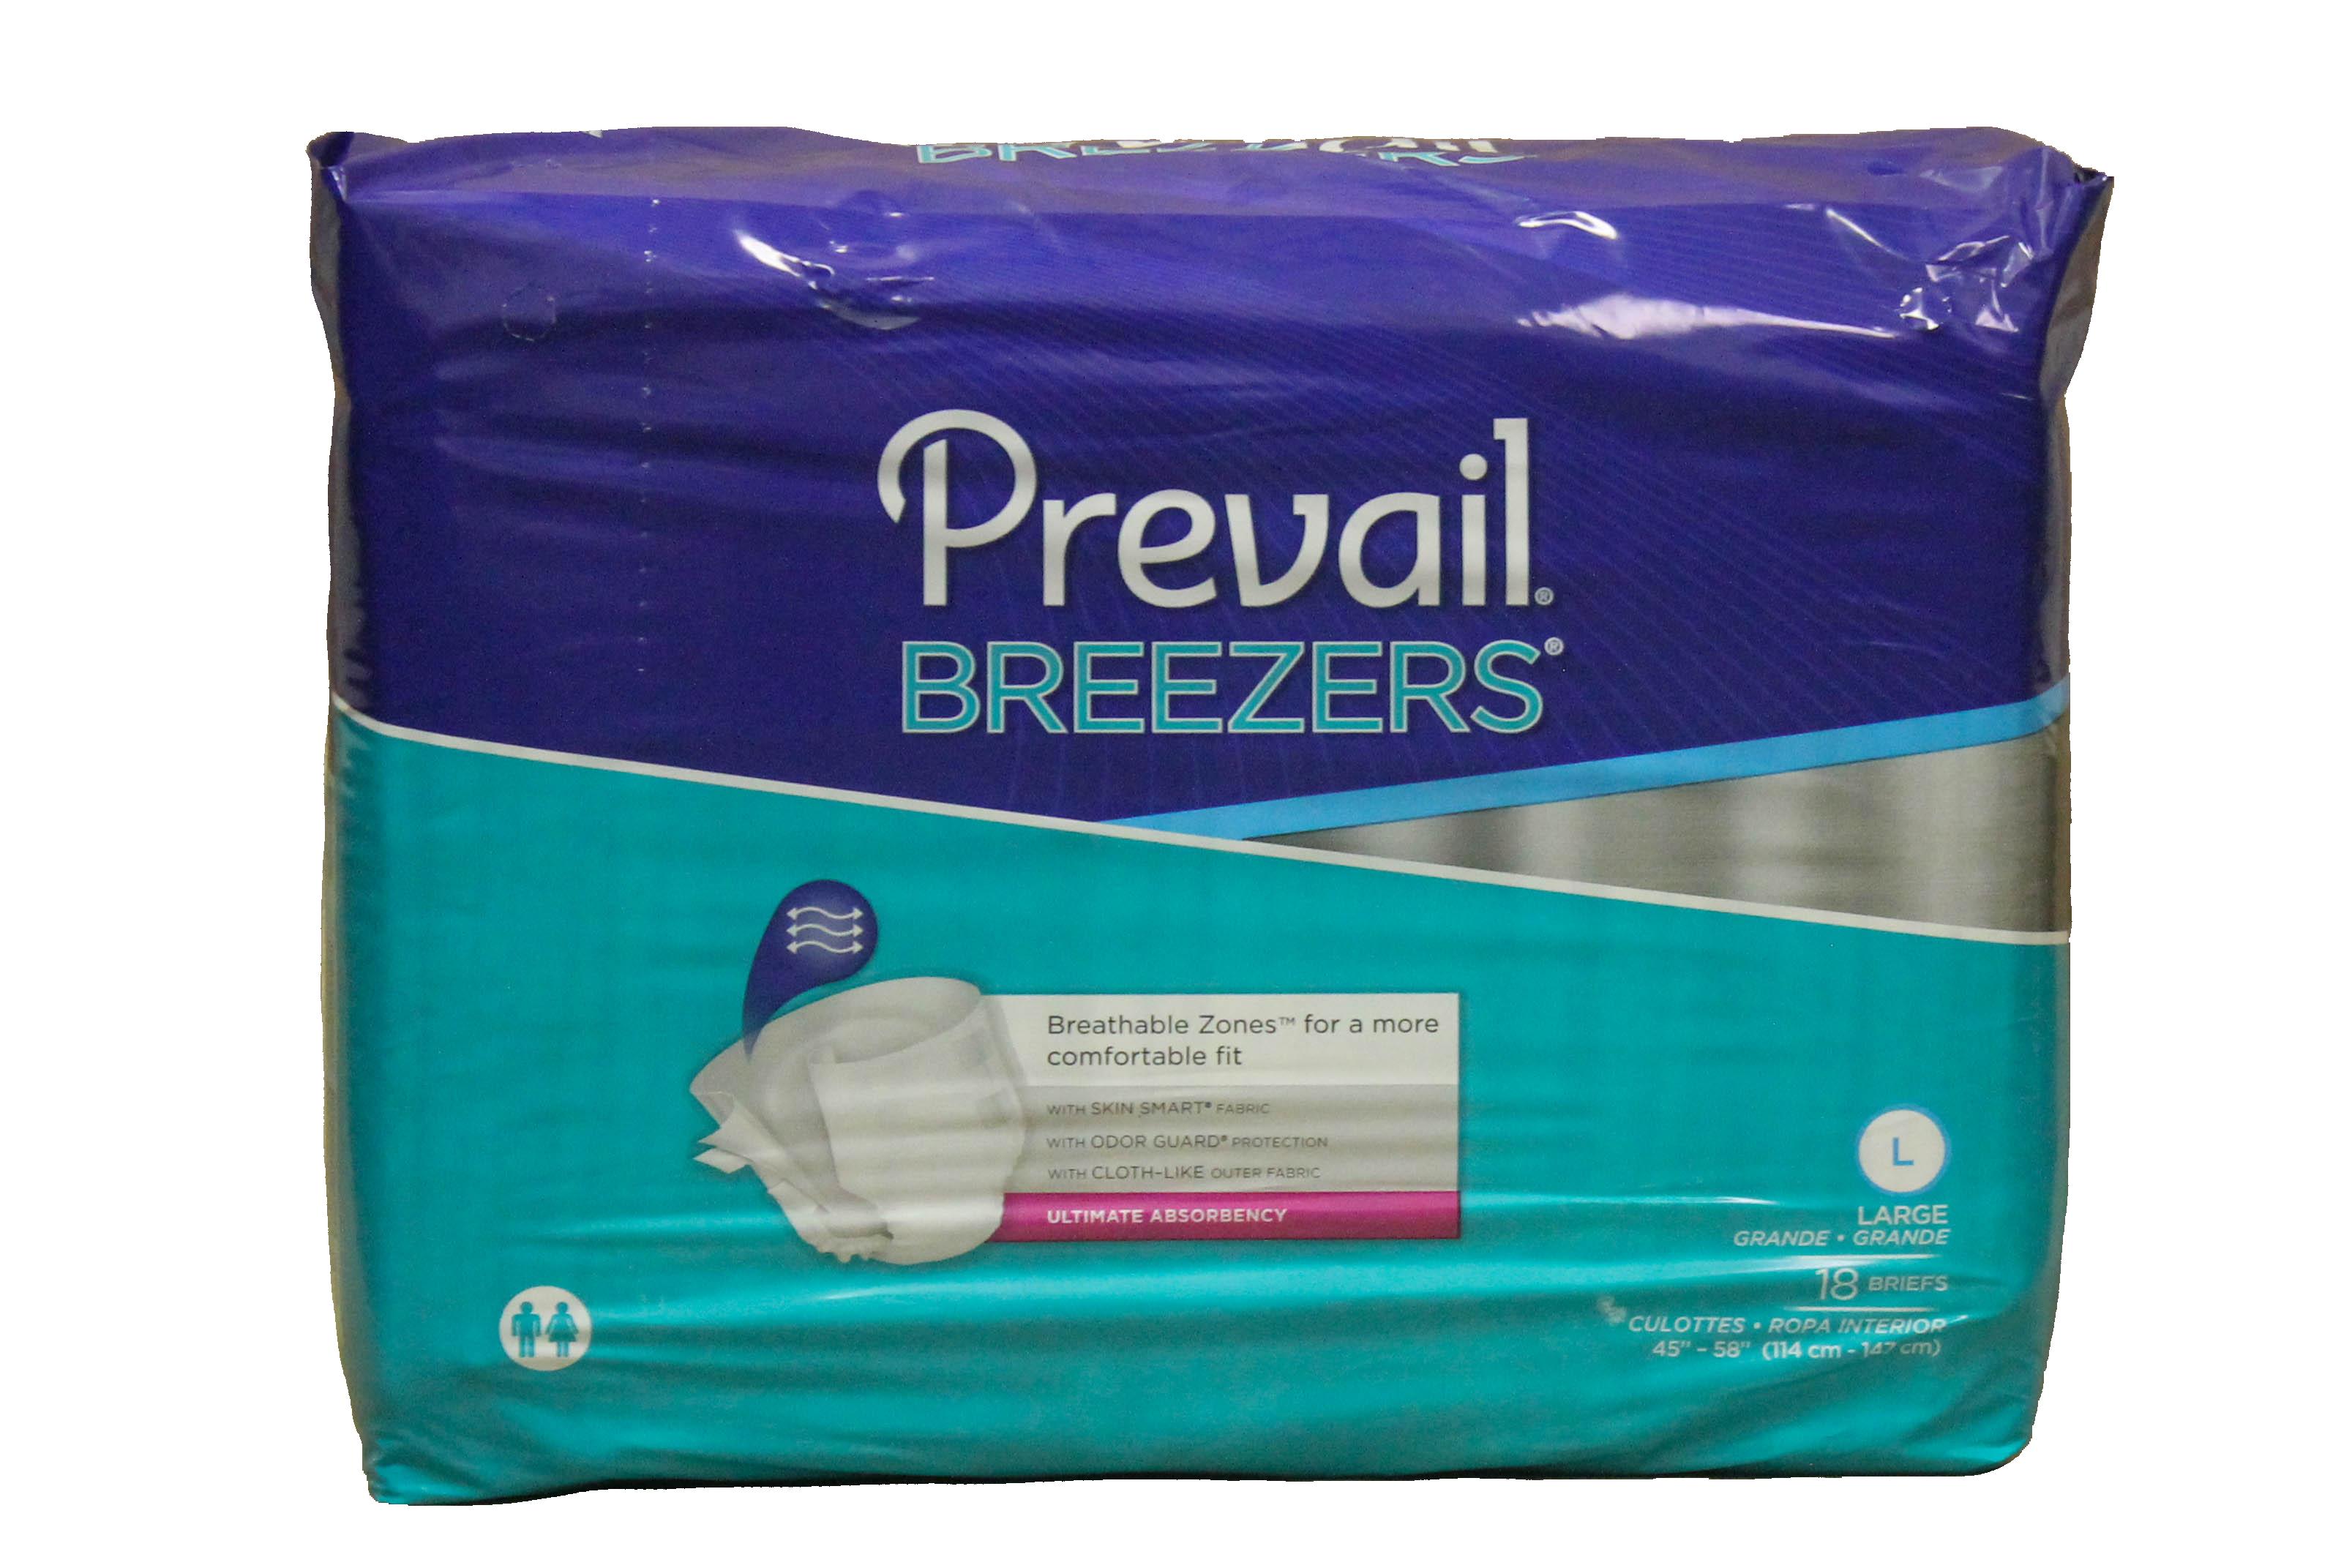 Prevail Breezers